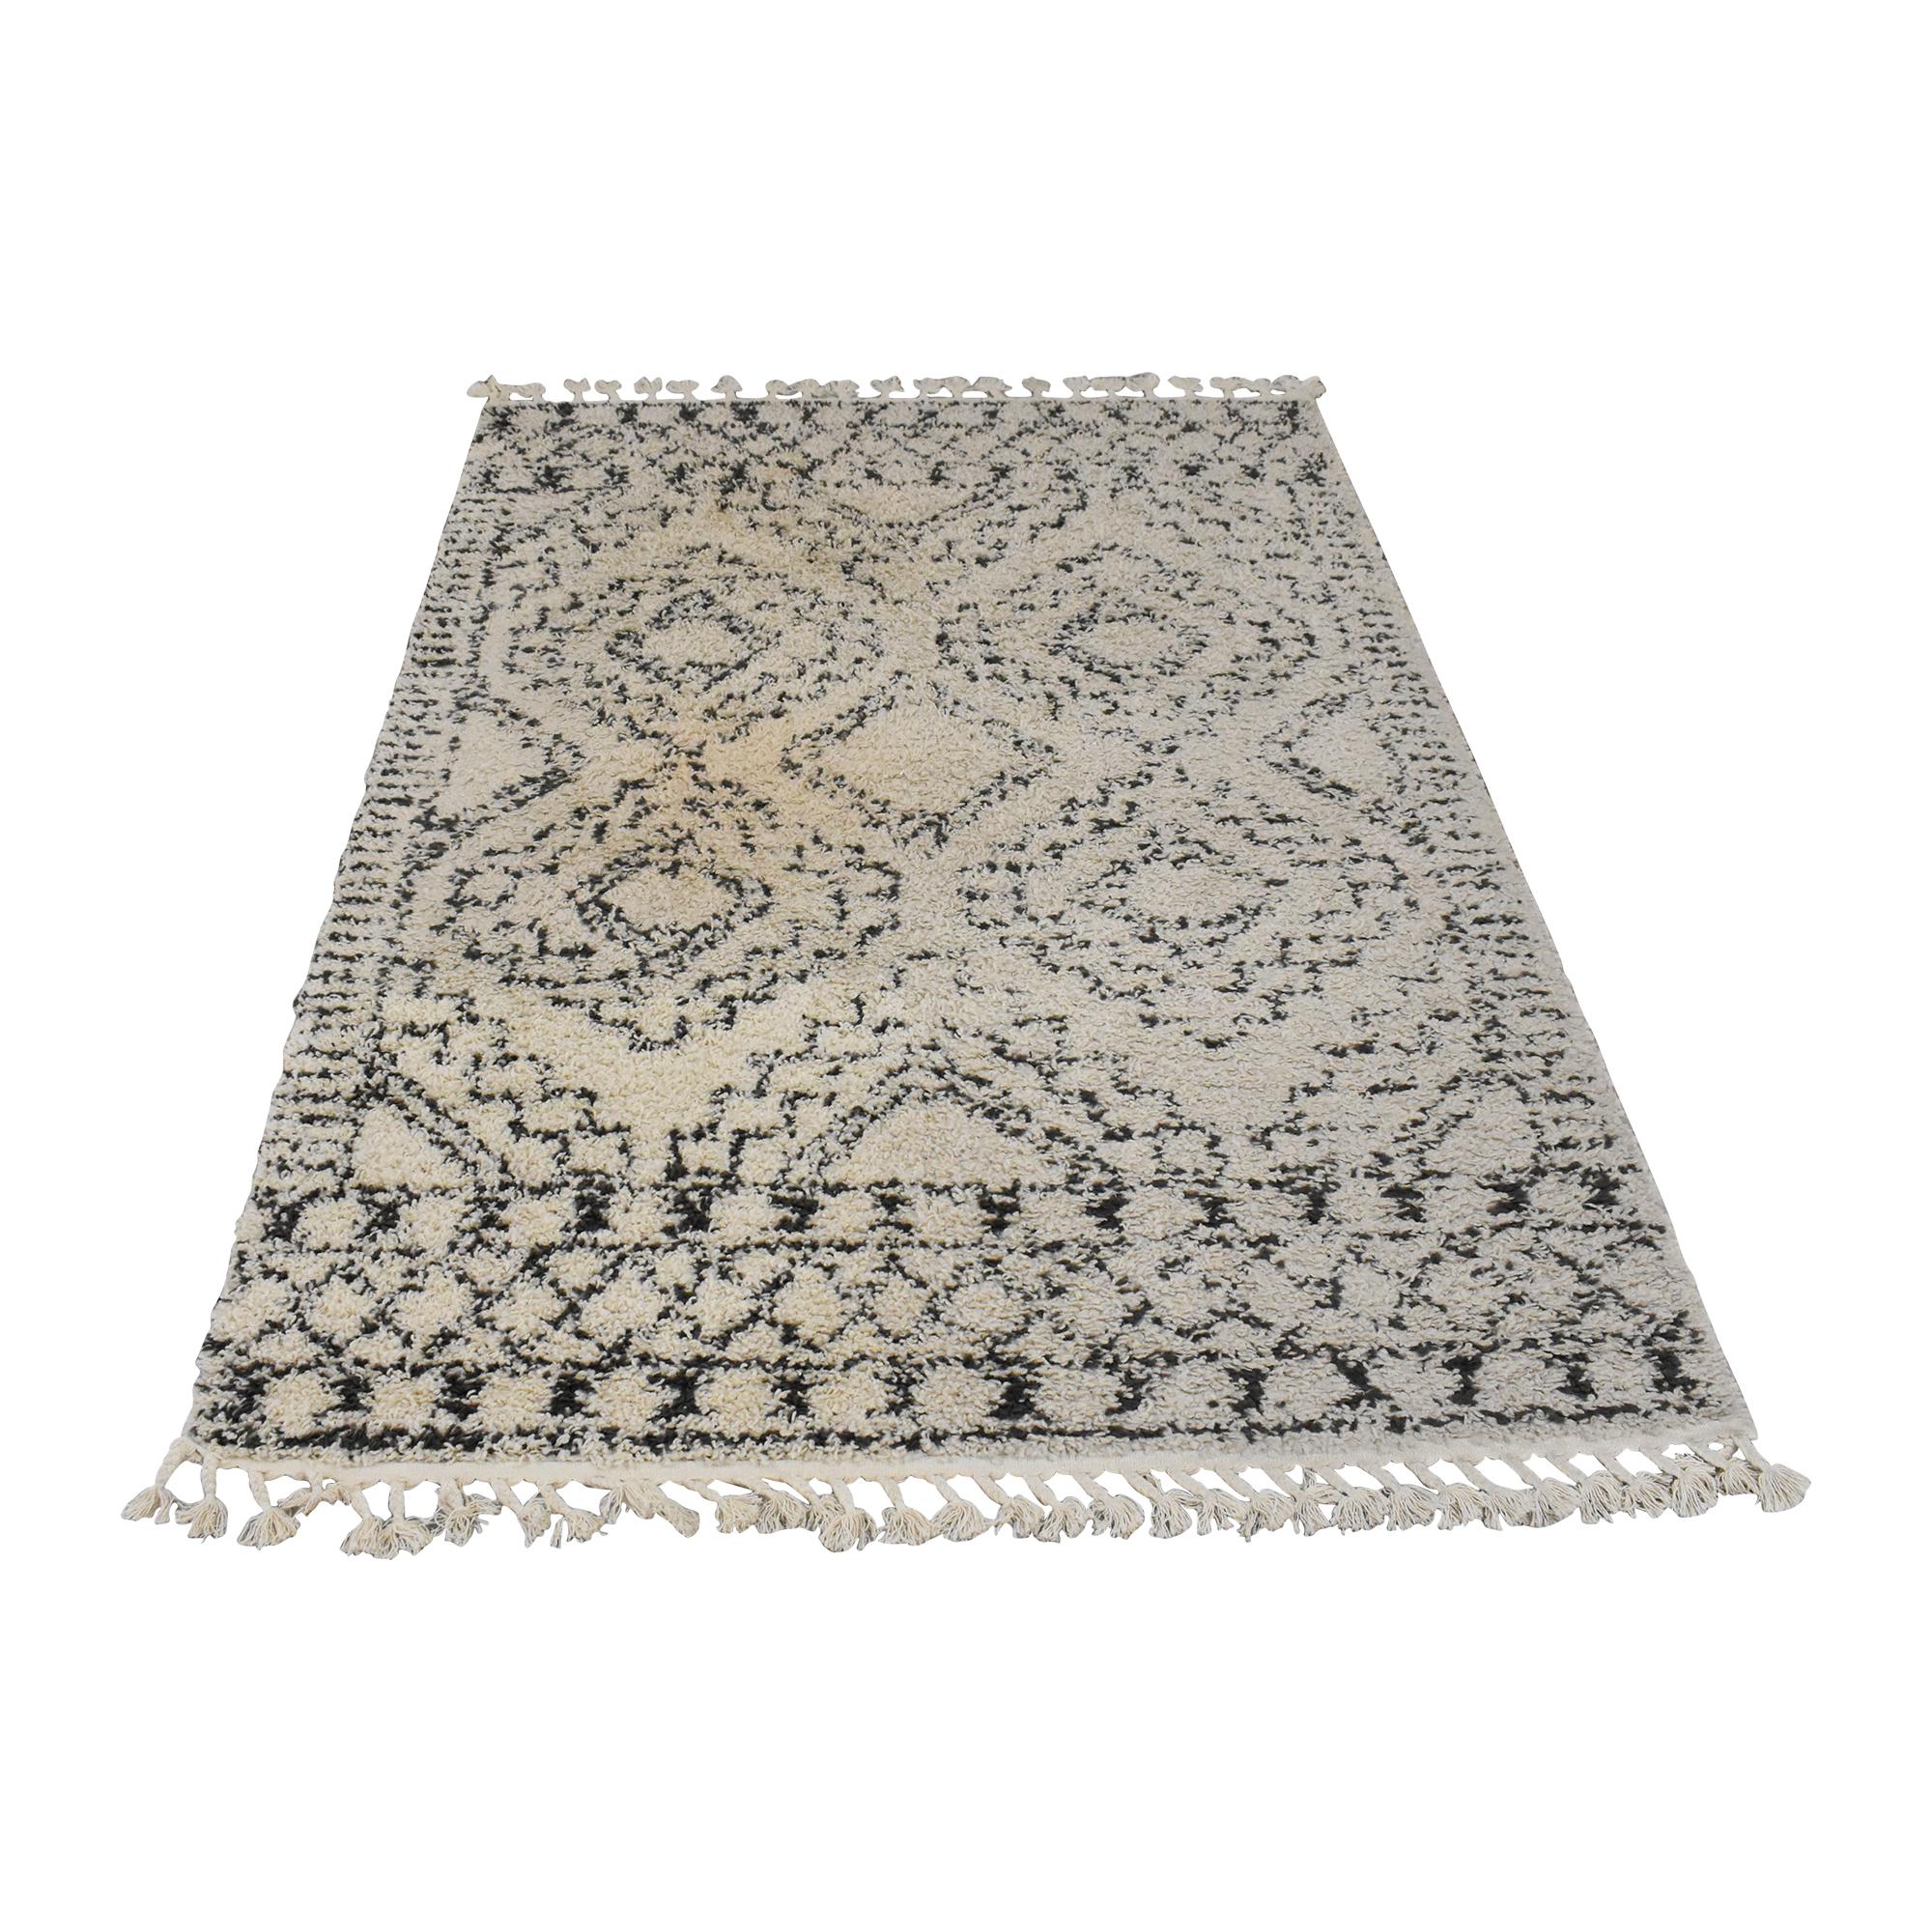 nuLOOM Diana Vasiliki Moroccan Tribal Tassel Rug / Rugs